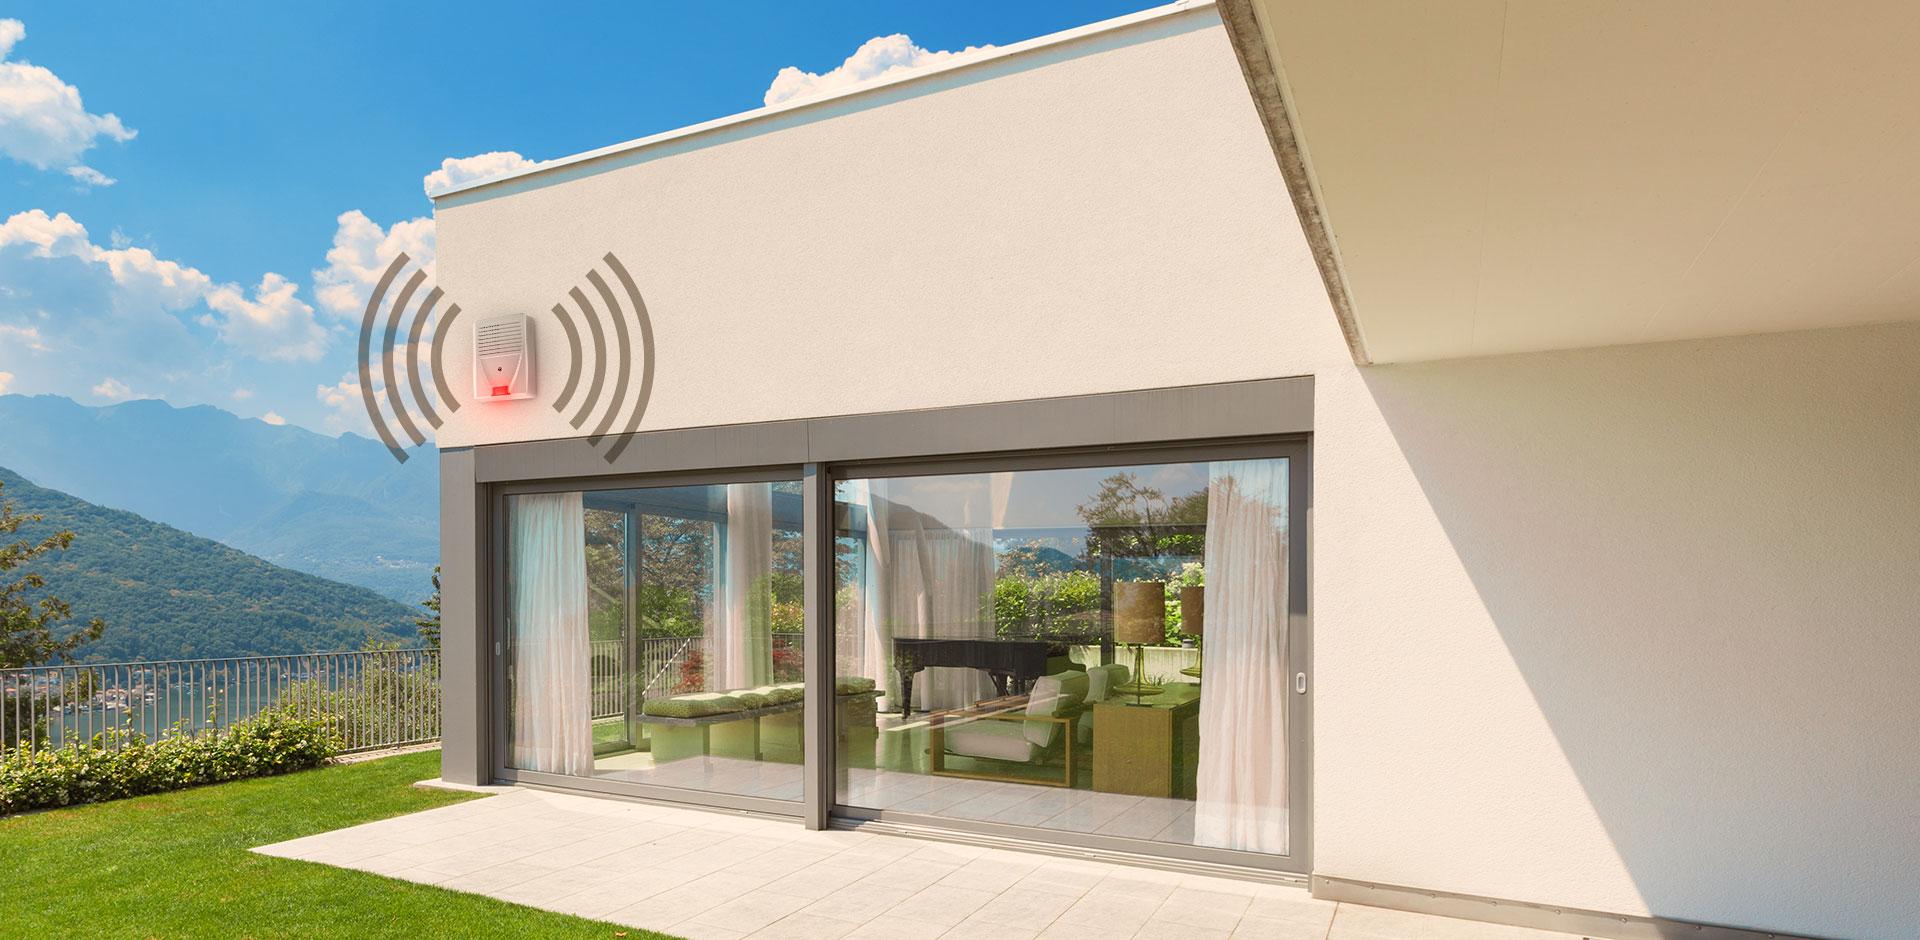 Maison d'architecte avec sirène d'extérieur Essensys déclanchée